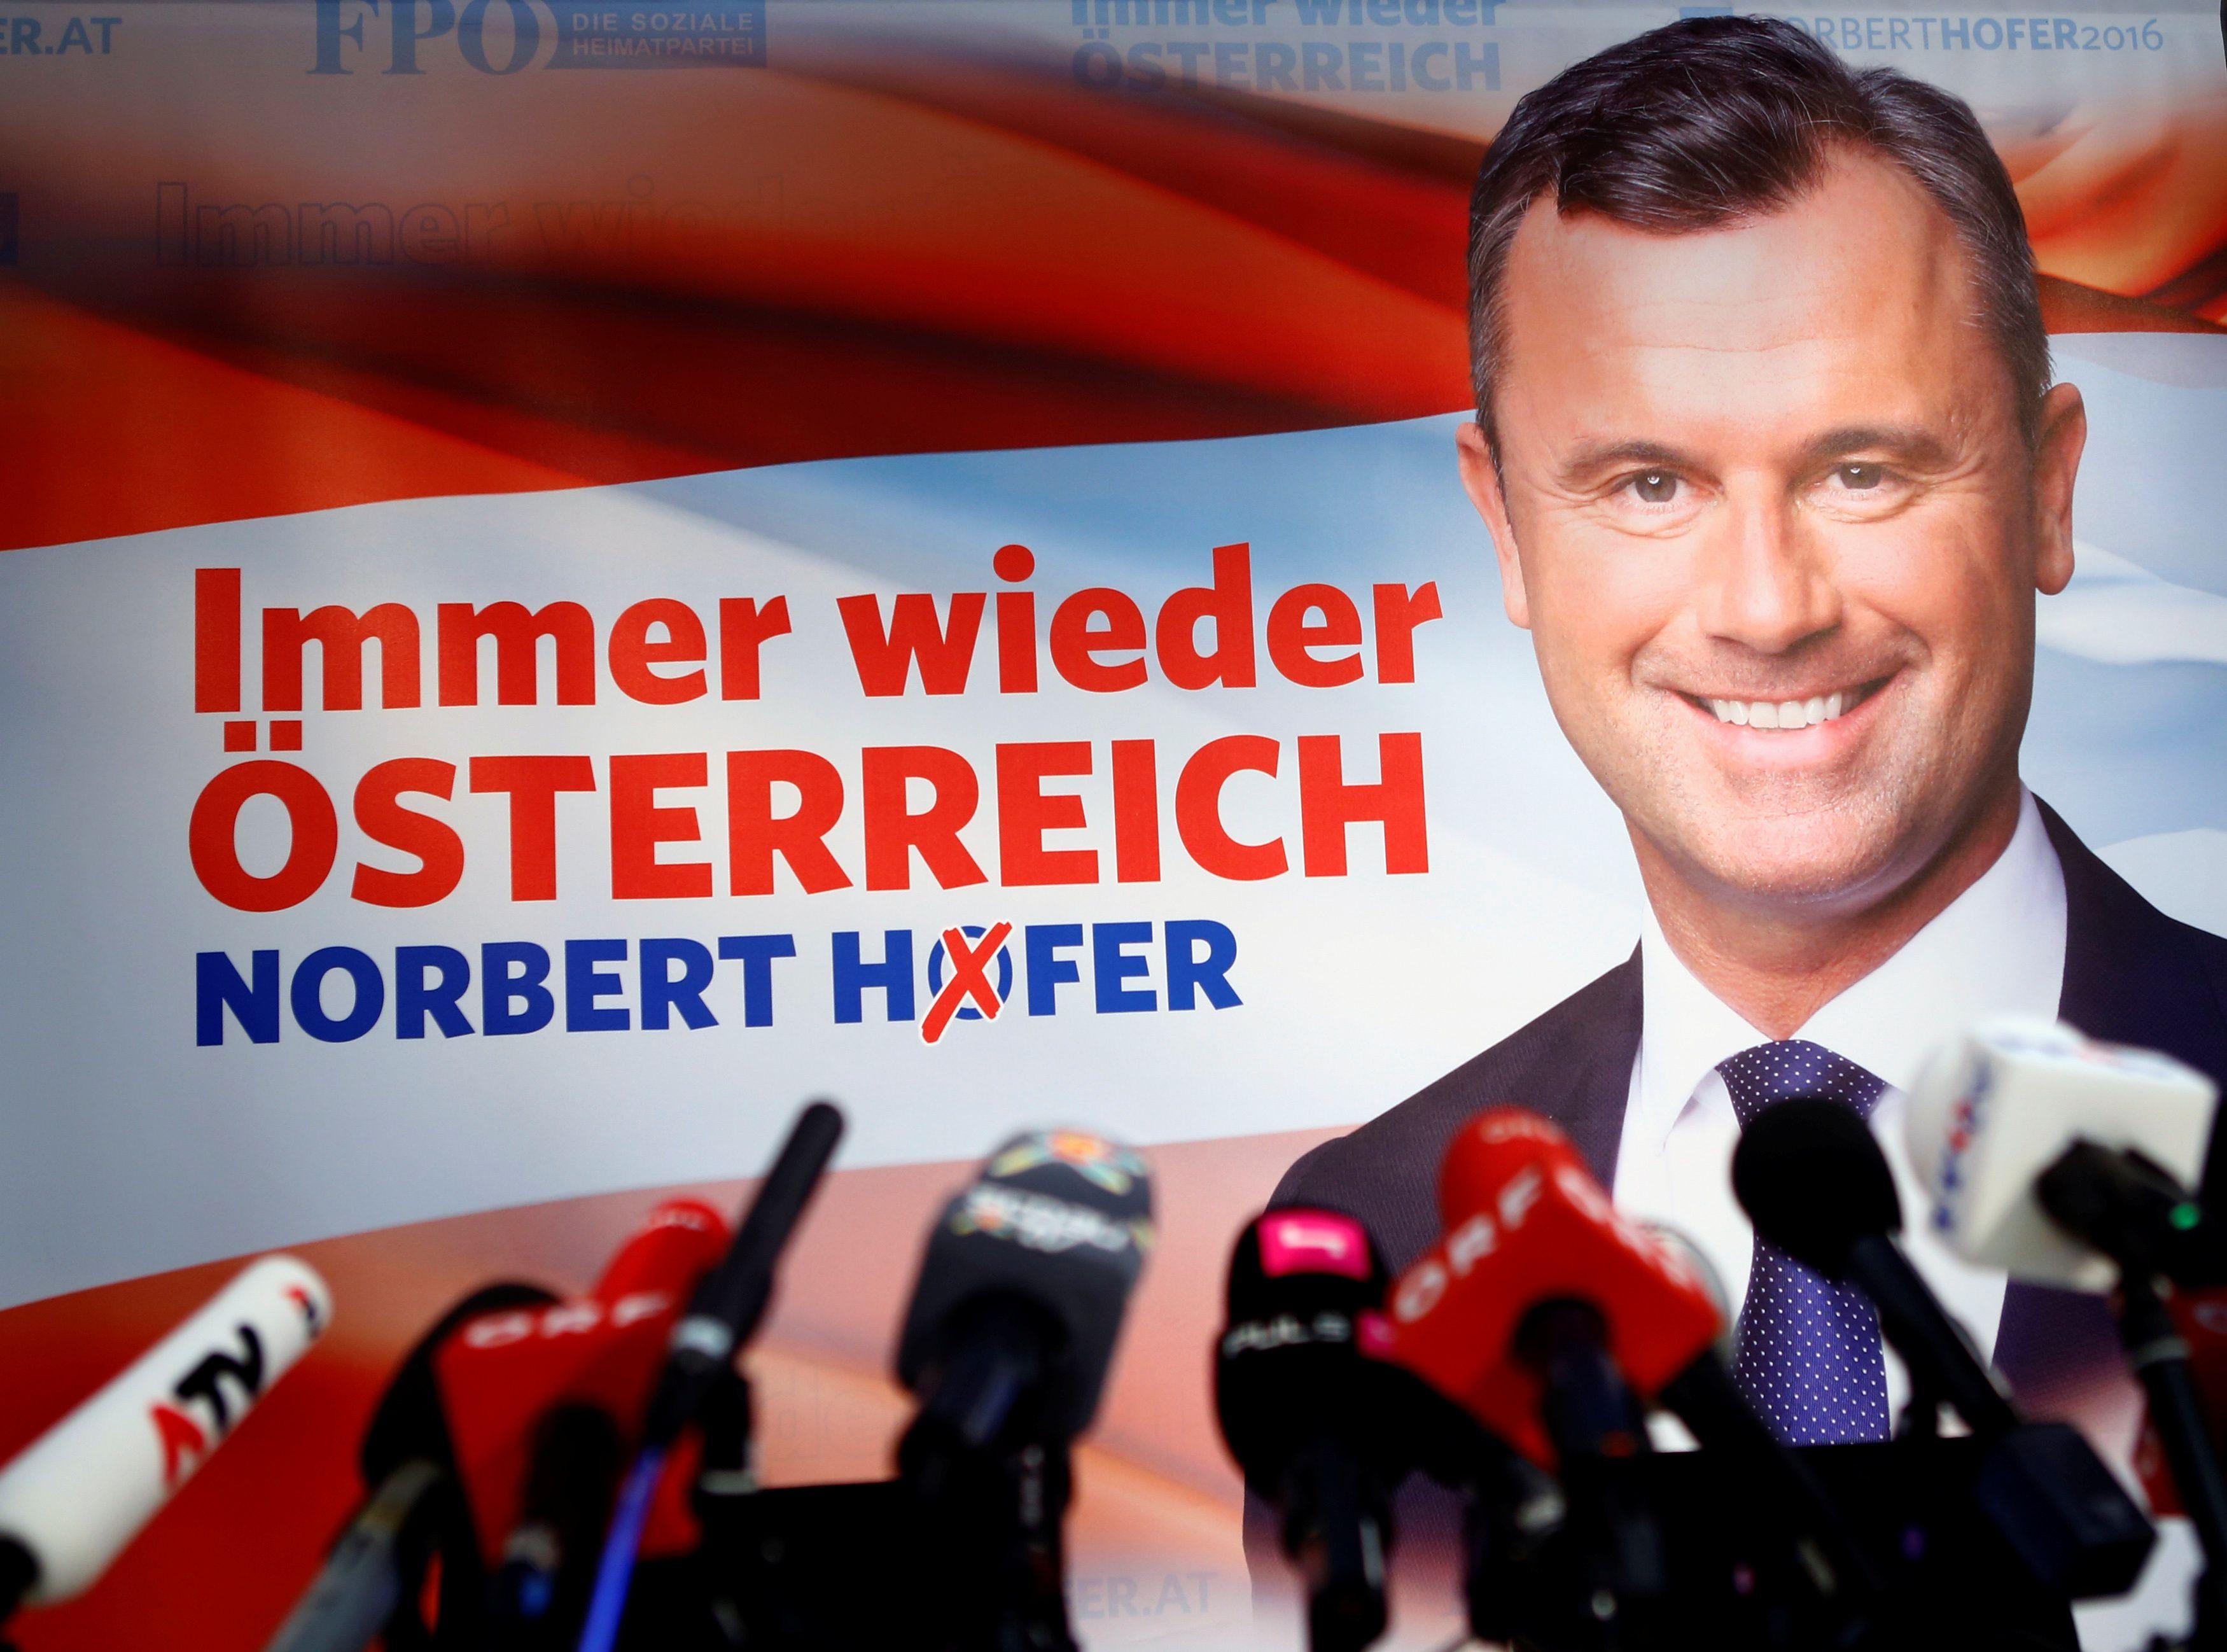 Autriche : une nouvelle élection présidentielle prévue le 2 octobre 2016